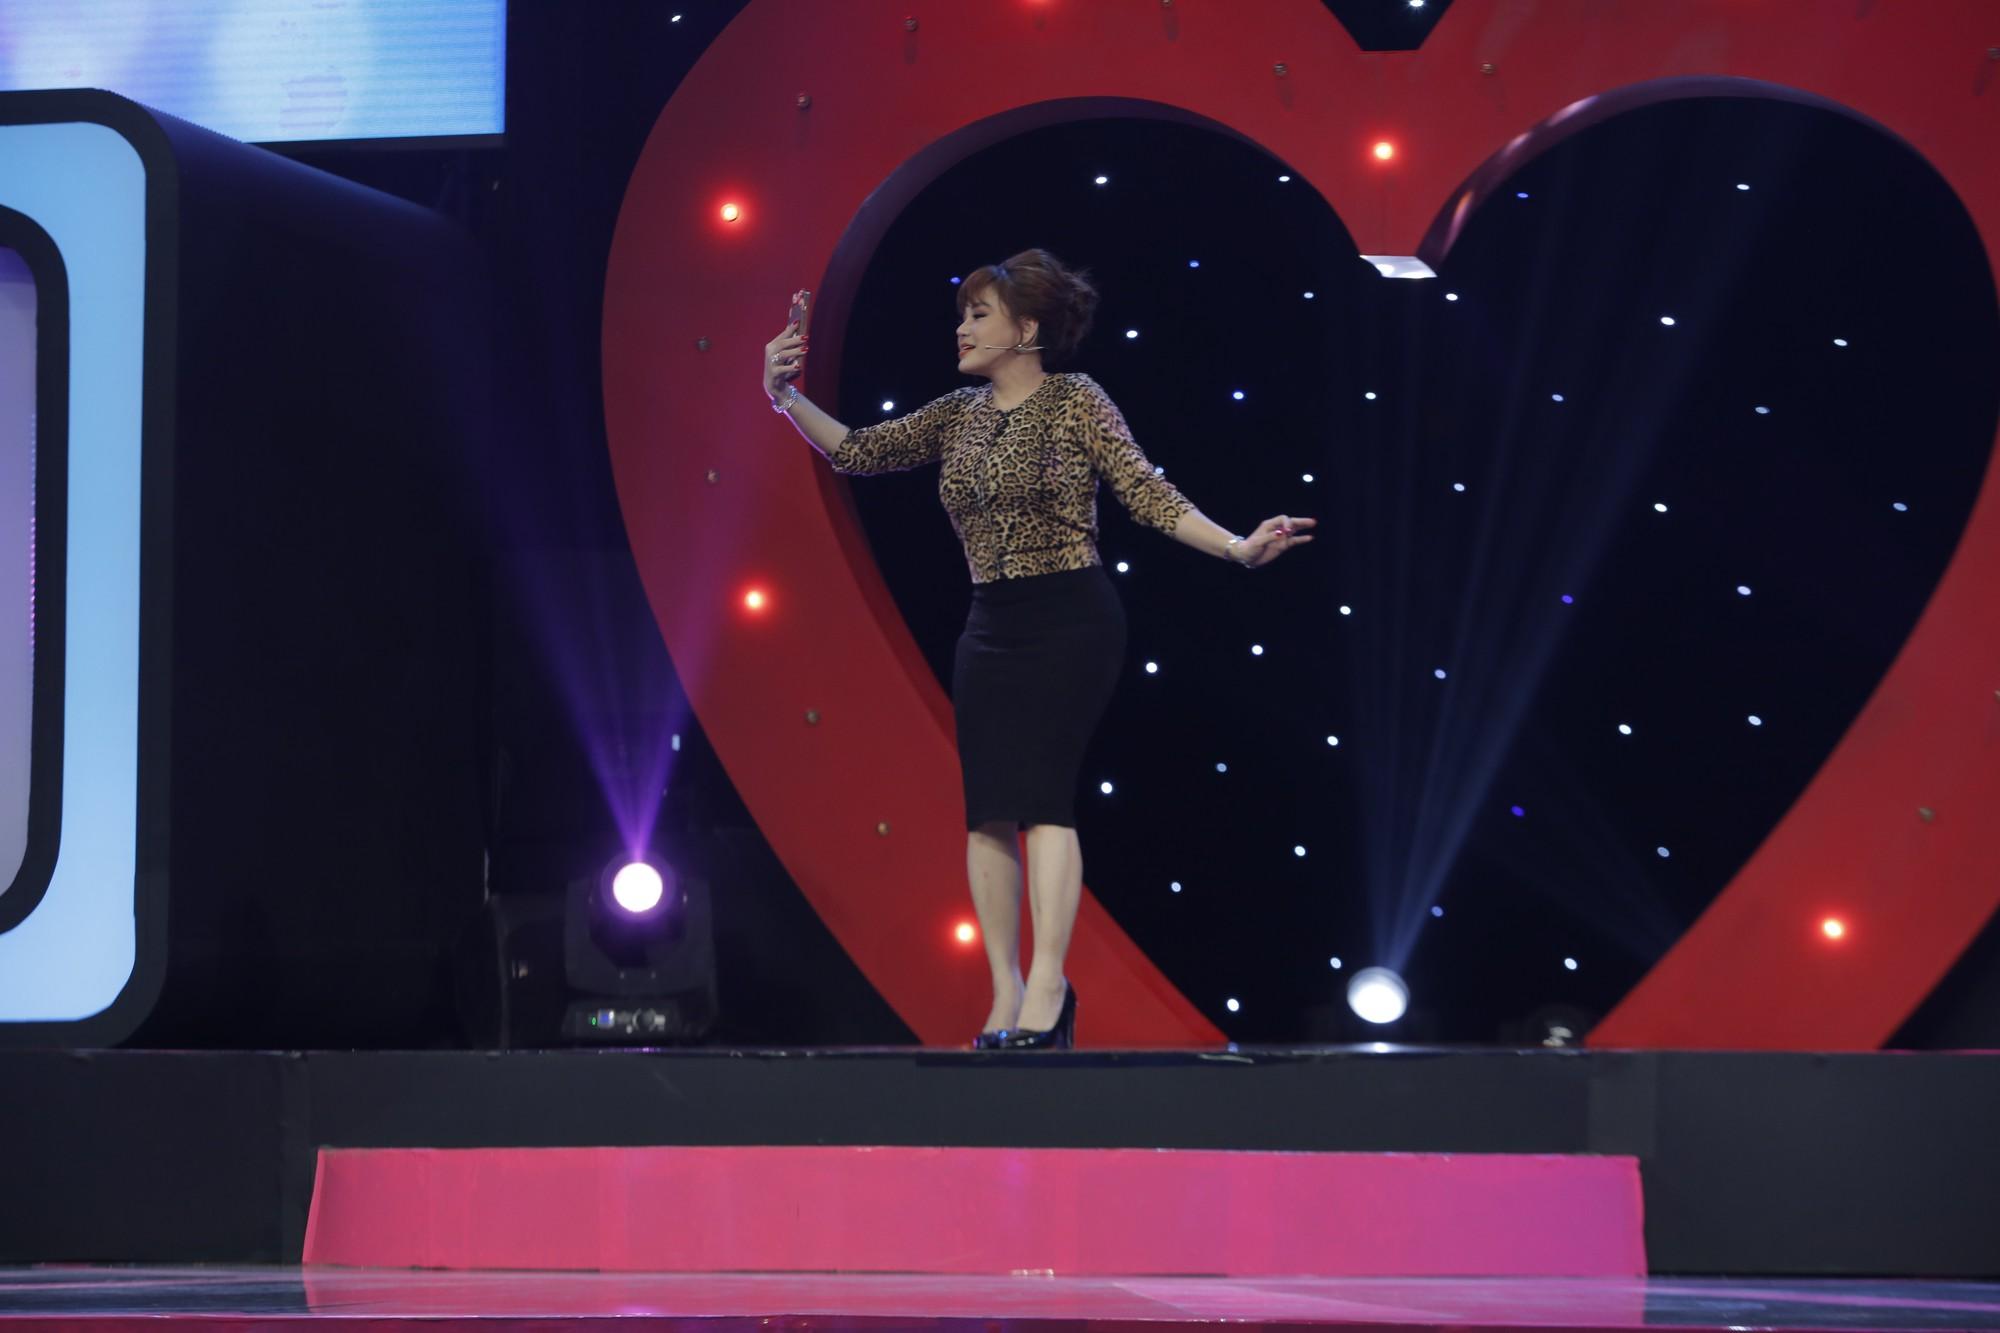 Lê Giang tham gia show hẹn hò không chỉ làm quân sư, mà còn lăm le... tìm người yêu - Ảnh 2.